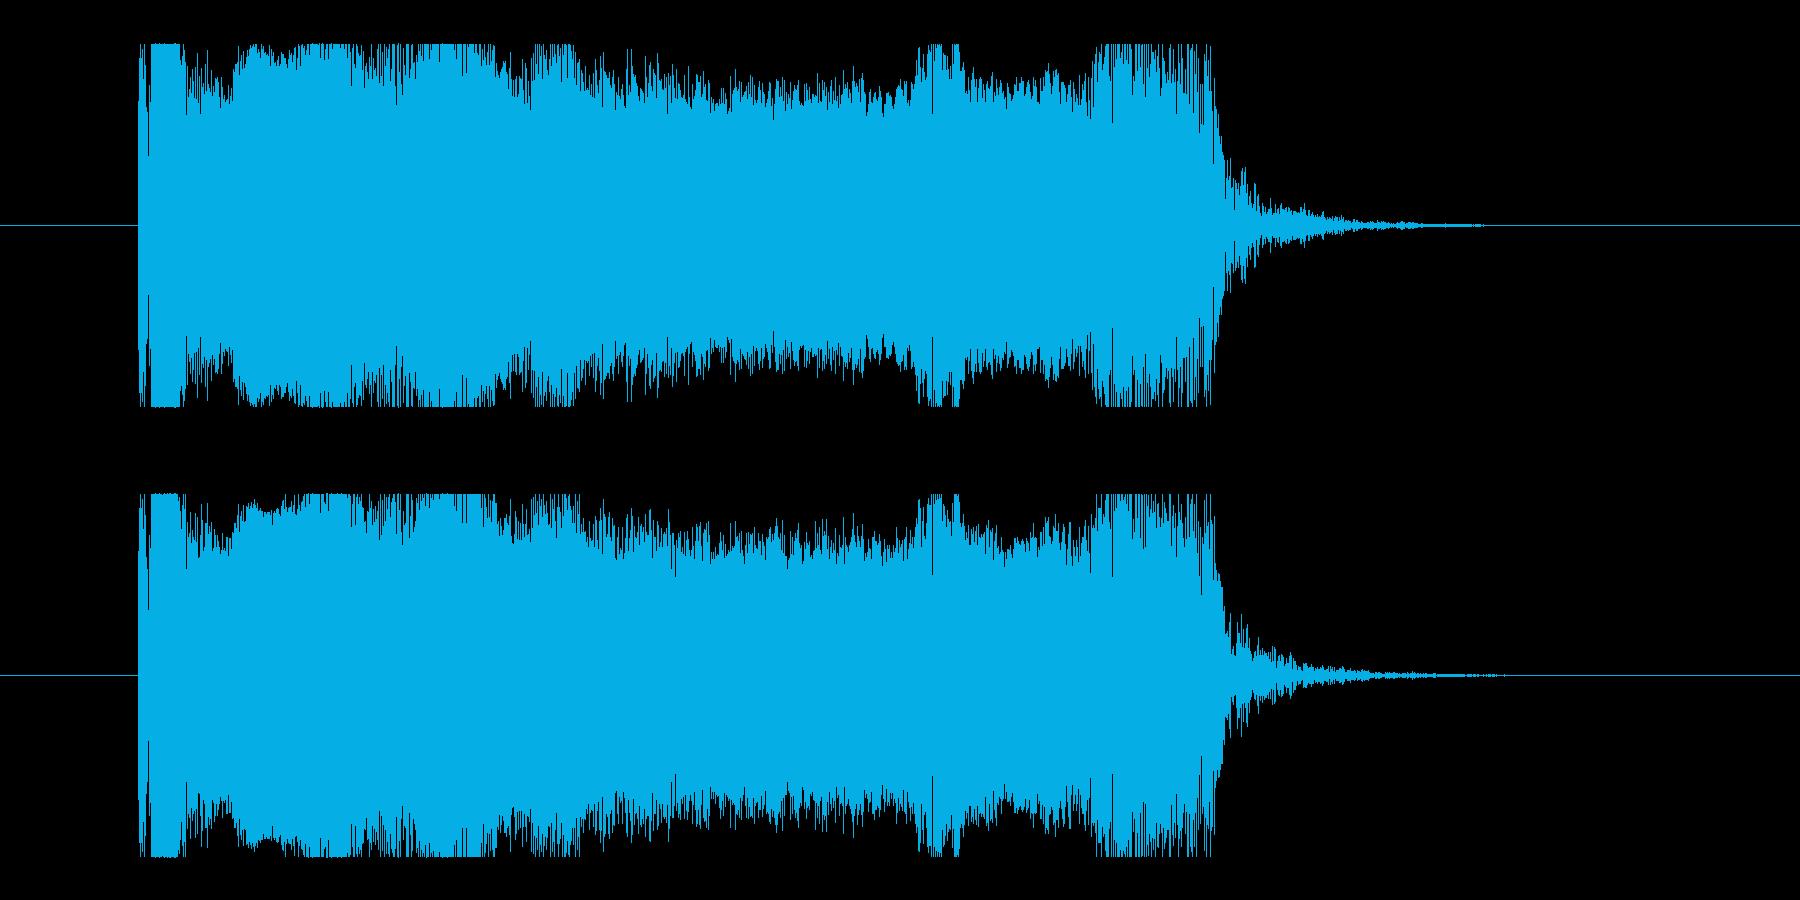 ユニゾンチョーキング、エレキギター音の再生済みの波形